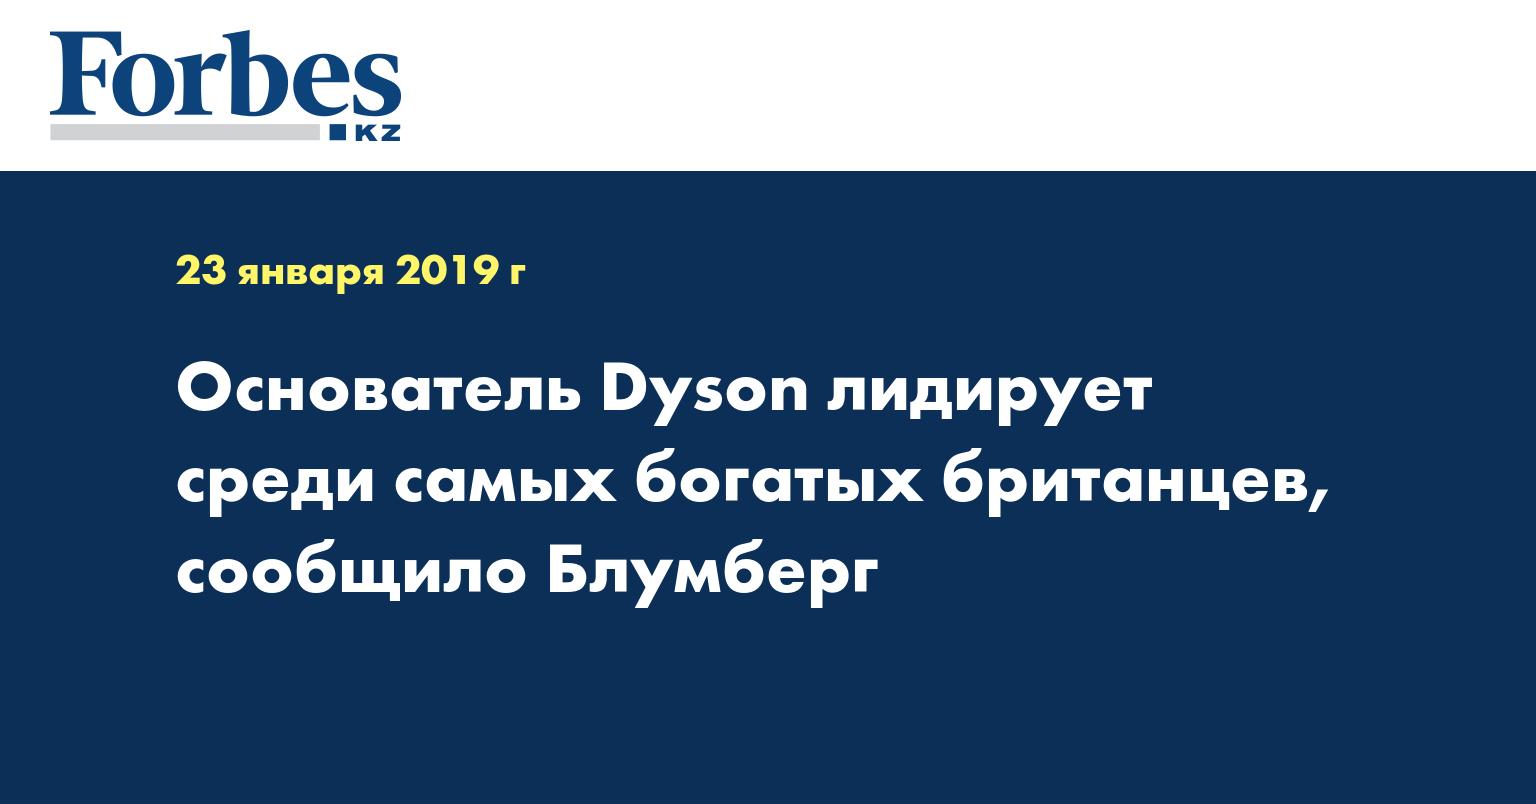 Основатель Dyson лидирует среди самых богатых британцев, сообщило Блумберг